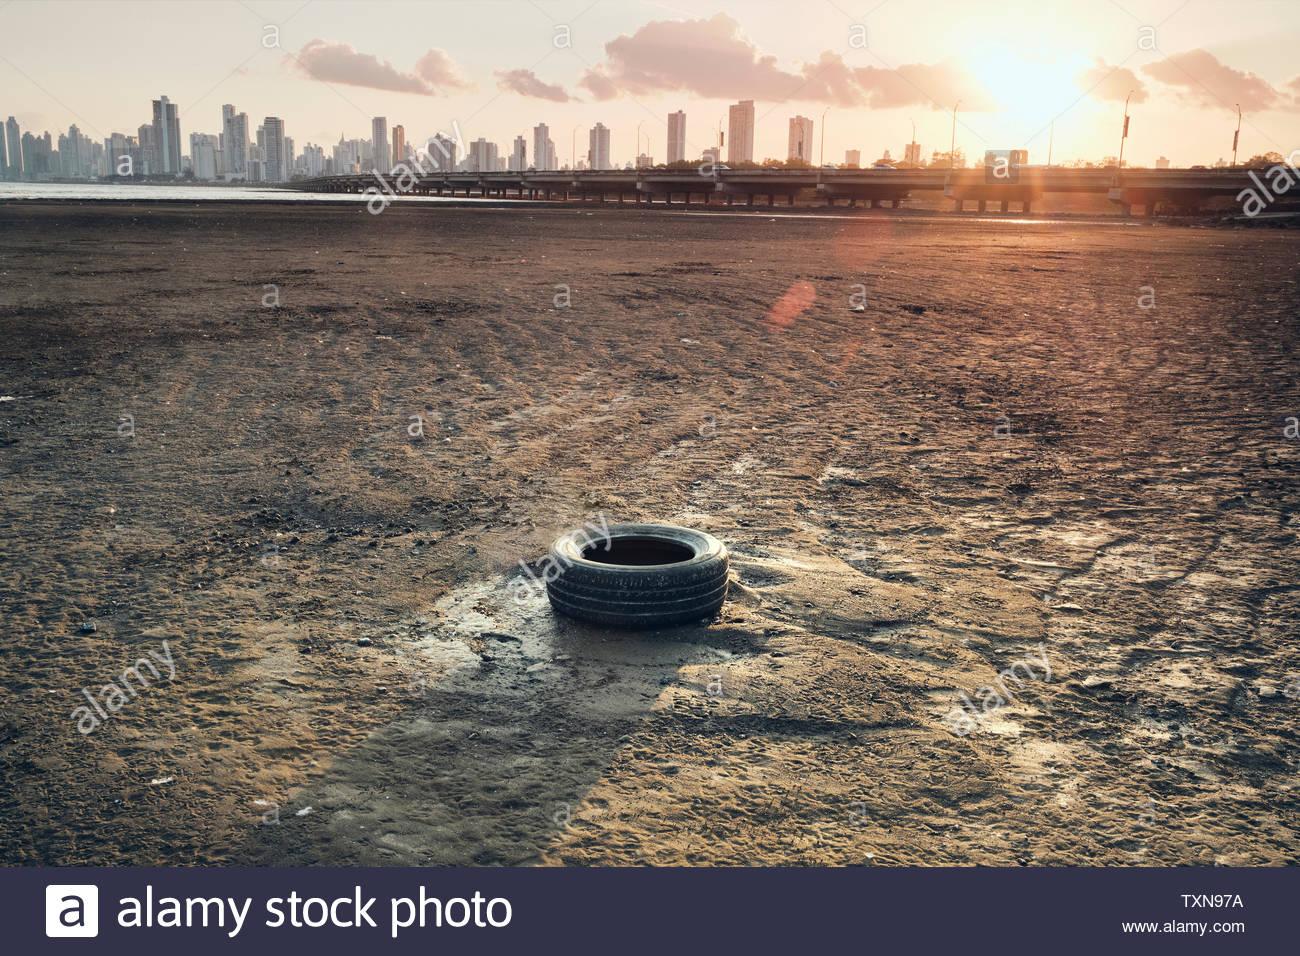 Discarded tyre on seashore, Costa del Este, Ciudad de Panamá, Panama - Stock Image